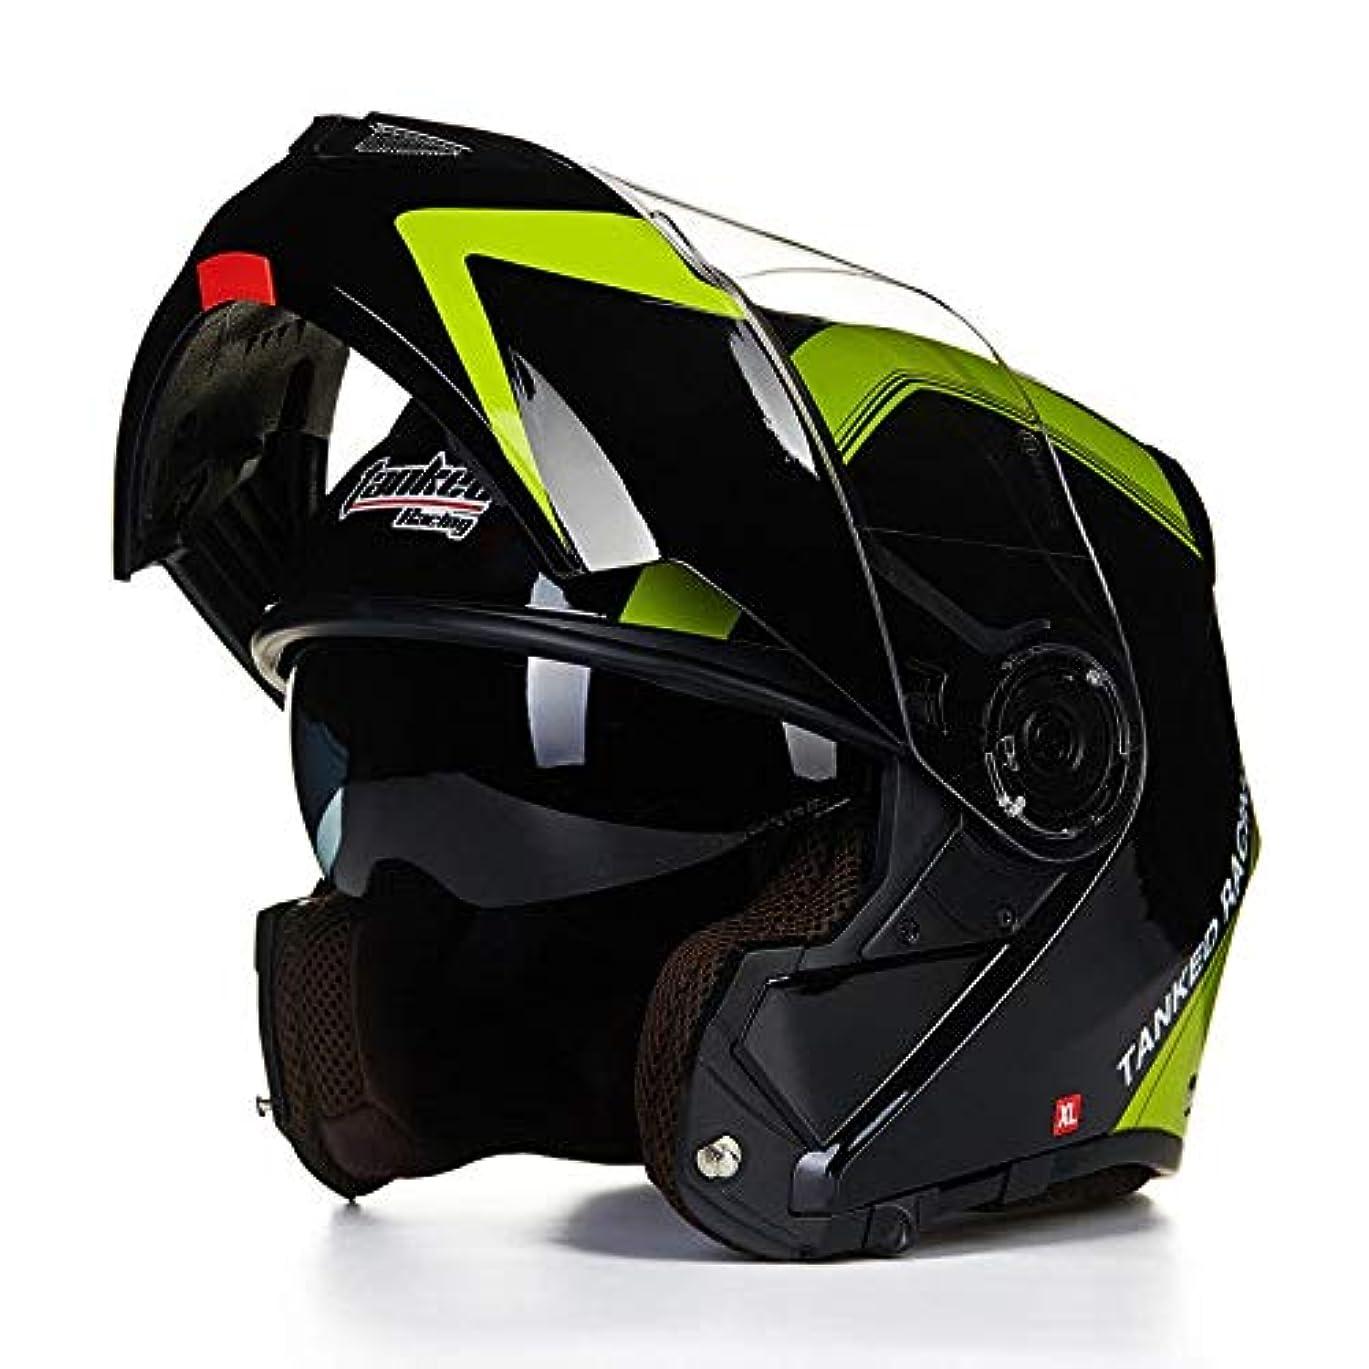 最少適用済みマニアックTOMSSL高品質 オートバイヘルメットメンズダブルレンズフルカバーオープンフェイスヘルメット電動オートバイヘルメット - ブラック/グリーン - パターン TOMSSL高品質 (Size : XXL)